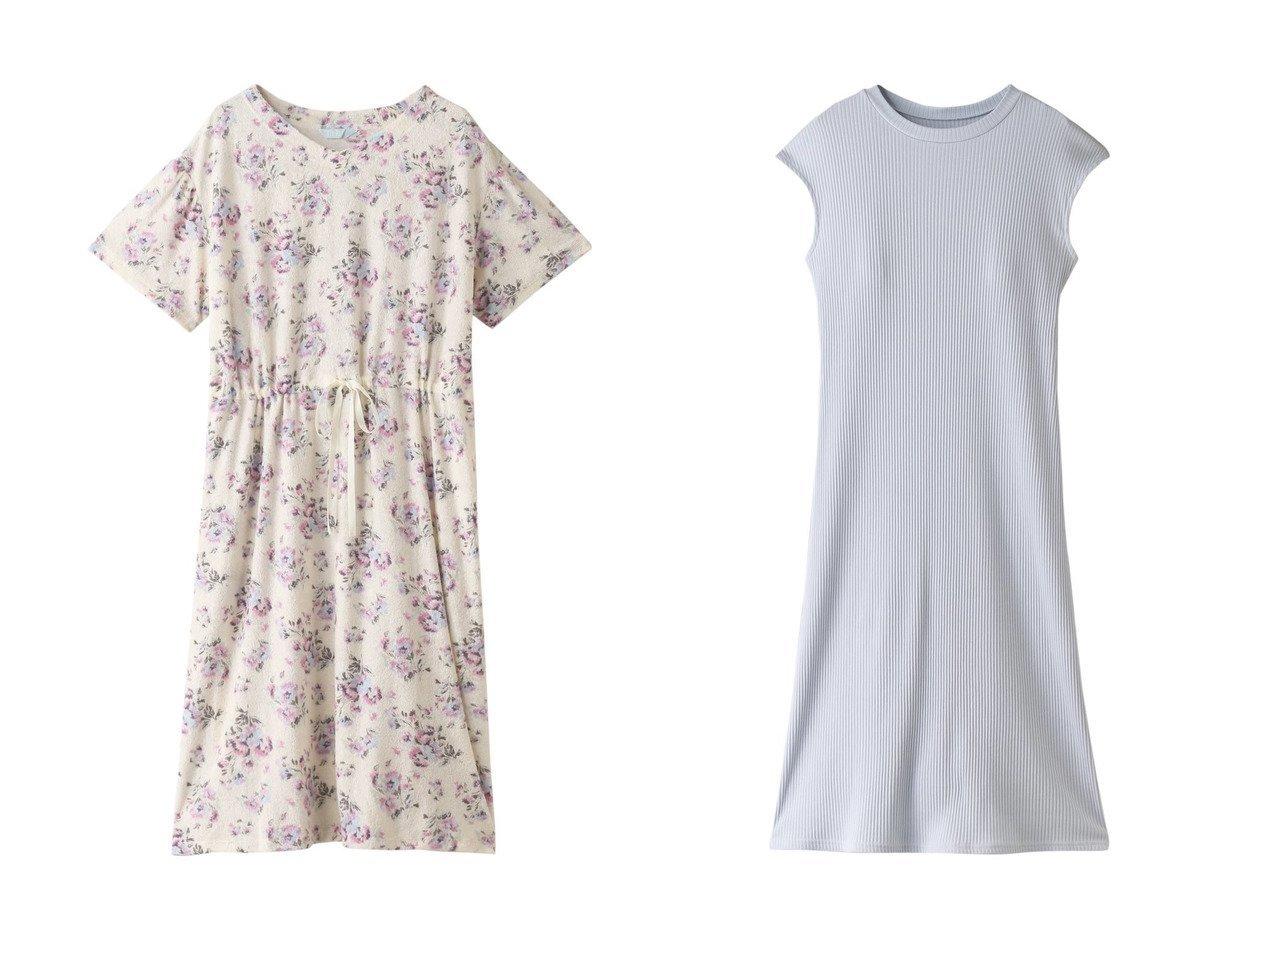 【KID BLUE/キッドブルー】のパイルローズバローワンピース&21プレーンリブワンピース 【ワンピース・ドレス】おすすめ!人気、トレンド・レディースファッションの通販 おすすめで人気の流行・トレンド、ファッションの通販商品 インテリア・家具・メンズファッション・キッズファッション・レディースファッション・服の通販 founy(ファニー) https://founy.com/ ファッション Fashion レディースファッション WOMEN ワンピース Dress 2021年 2021 2021-2022秋冬・A/W AW・Autumn/Winter・FW・Fall-Winter・2021-2022 A/W・秋冬 AW・Autumn/Winter・FW・Fall-Winter フロント プリント リラックス ローズ 半袖 夏 Summer ストレッチ ノースリーブ  ID:crp329100000054602